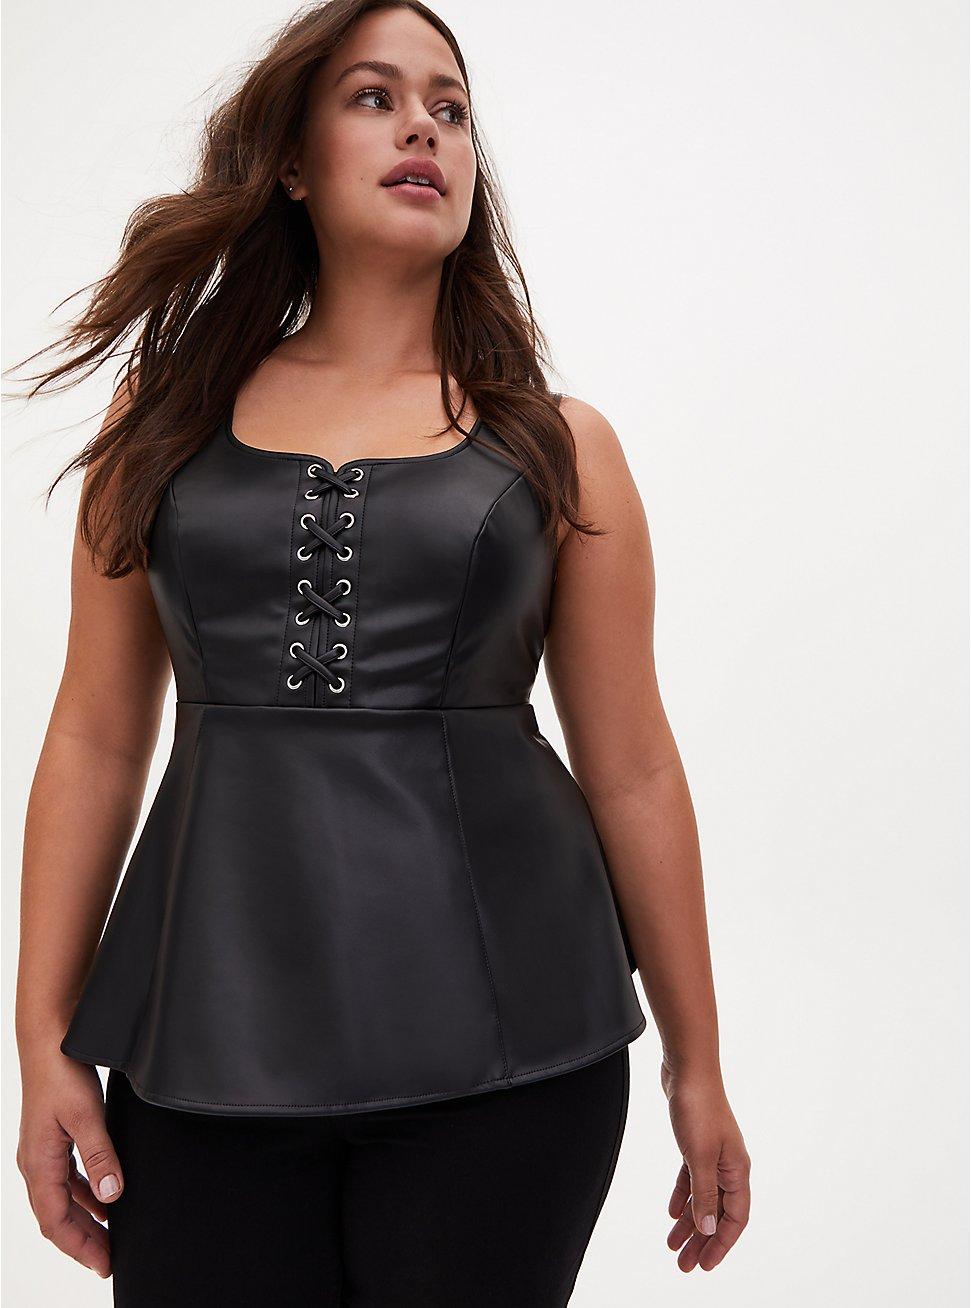 Black Faux Leather Lace Up Peplum Top, DEEP BLACK, hi-res